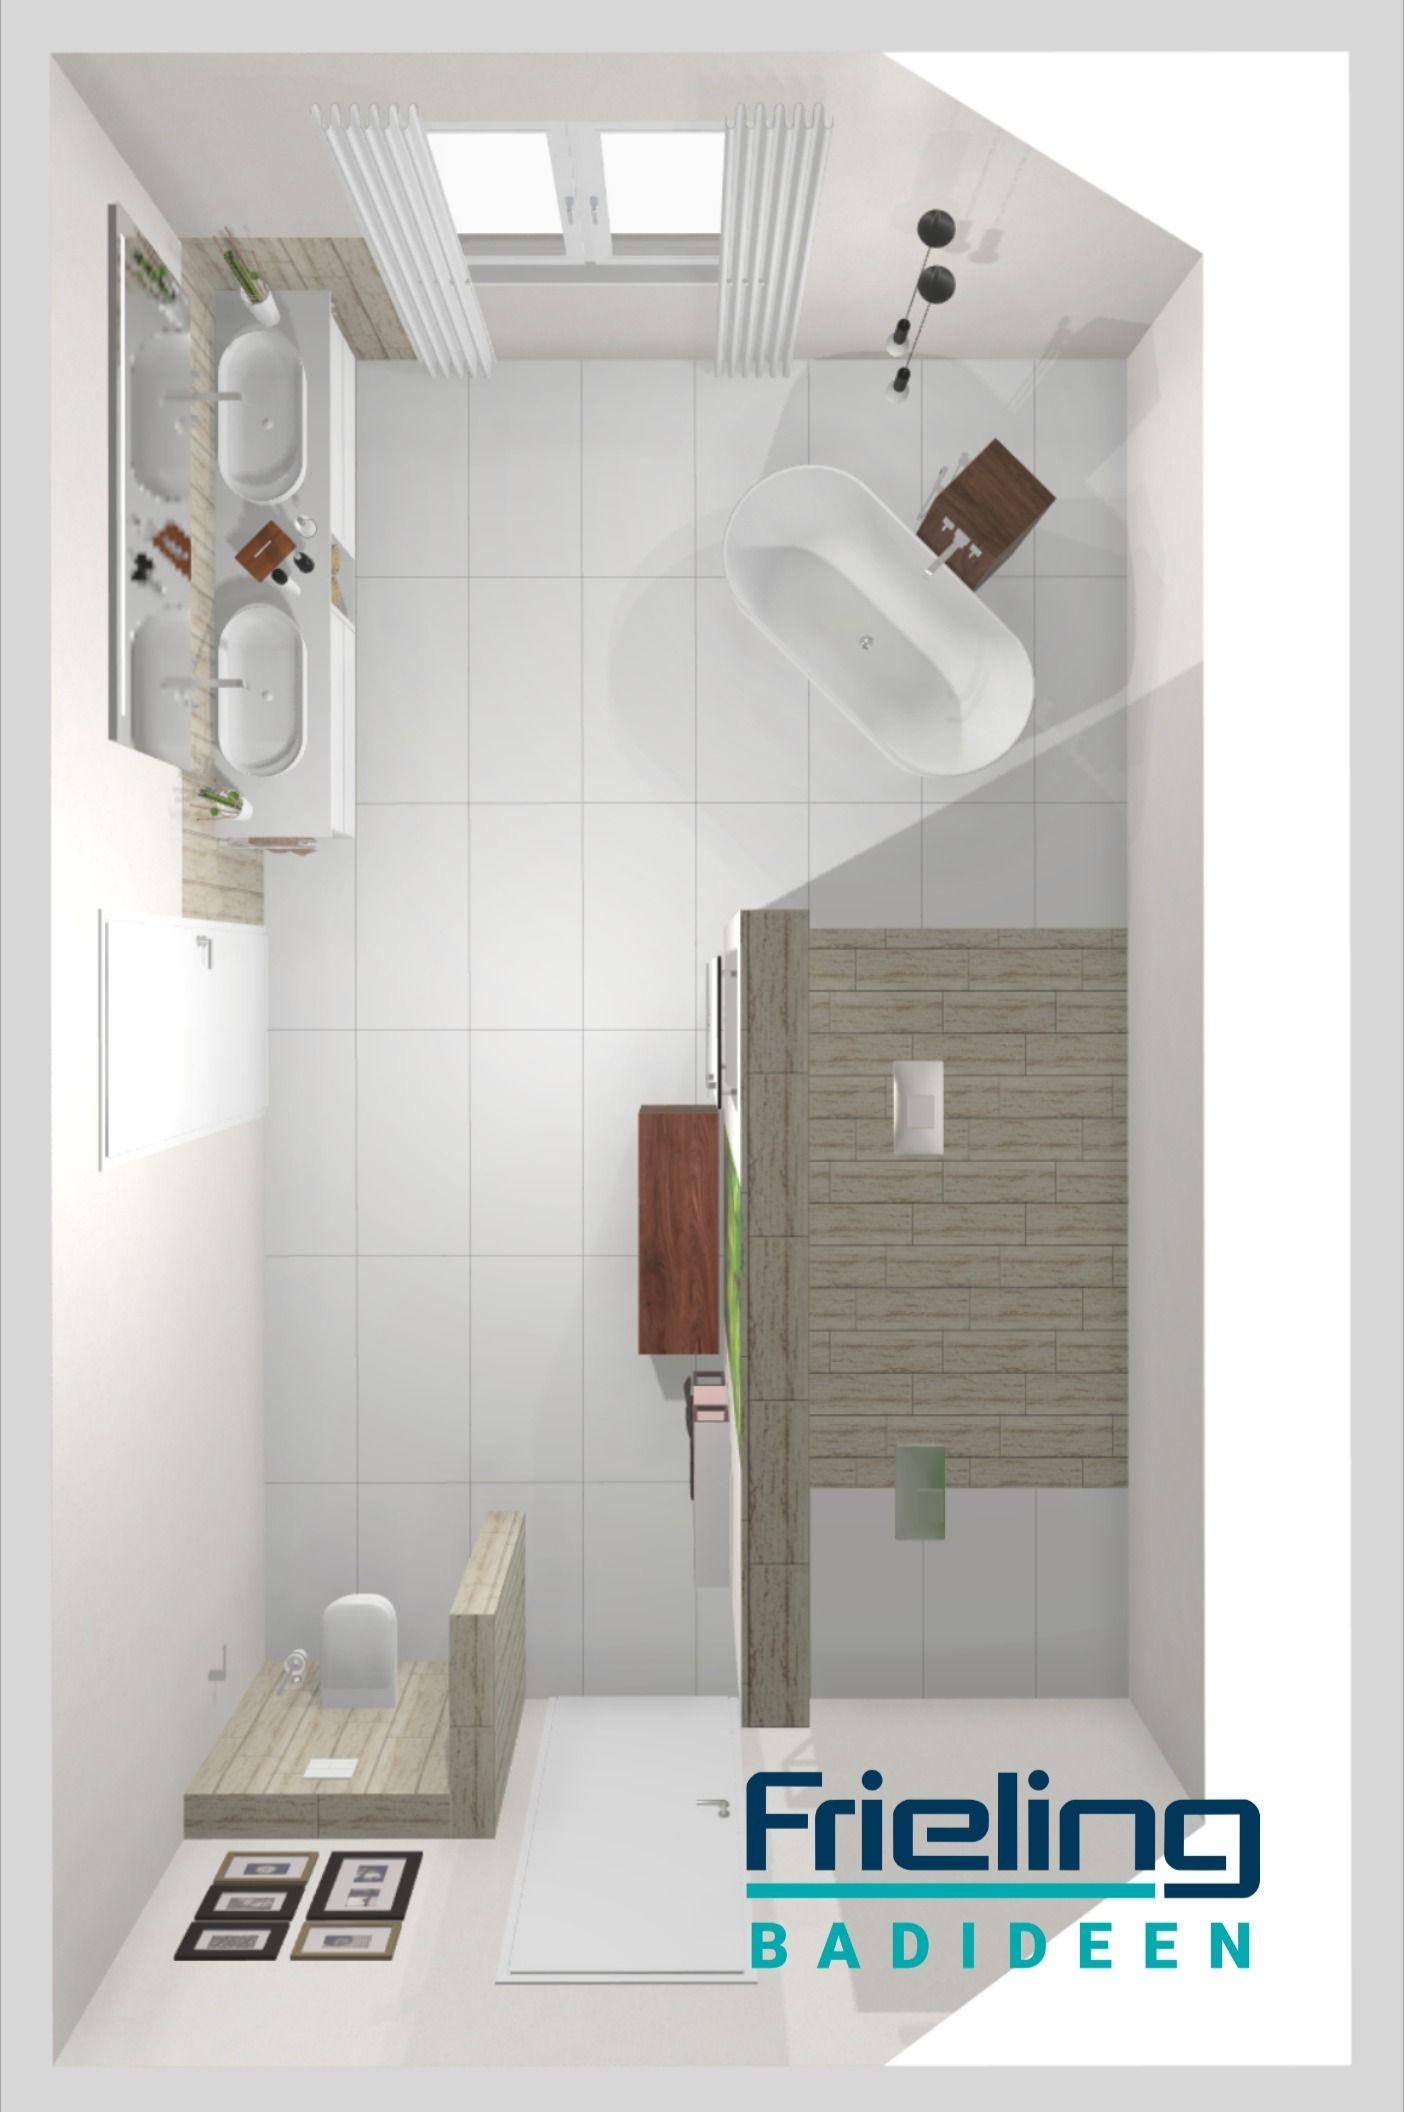 Mehr Bad Geht Nicht 3d Planung Doppeldusche 33 Qm Freistehende Badewanne T Wand In 2020 Grosse Badezimmer Badezimmer Grundriss Bad Design